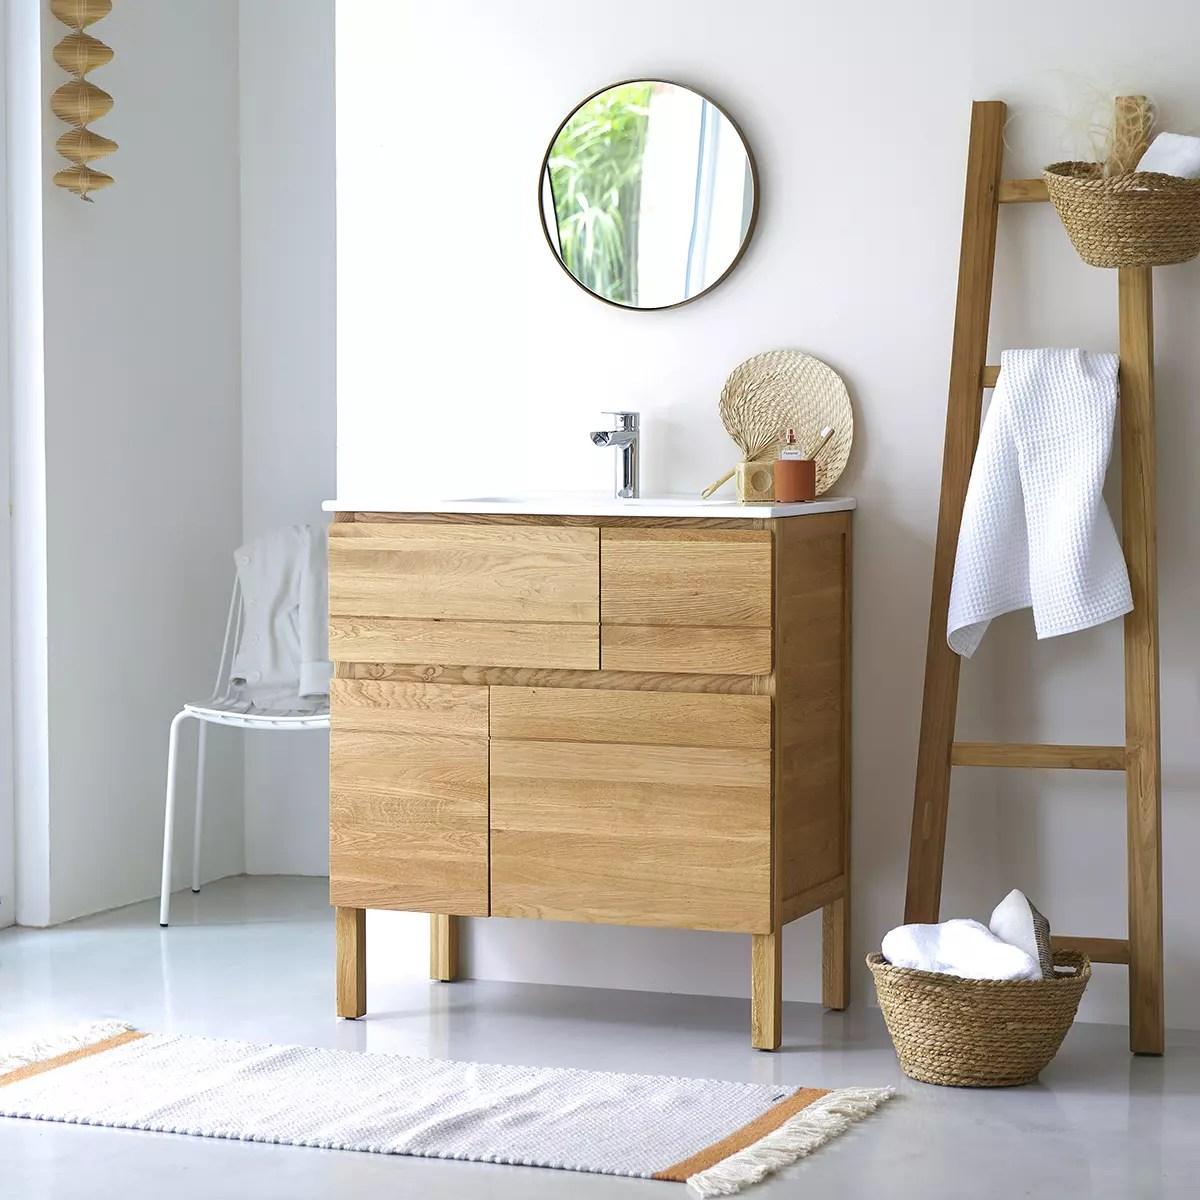 meuble salle de bain en chene massif et ceramique 80 easy